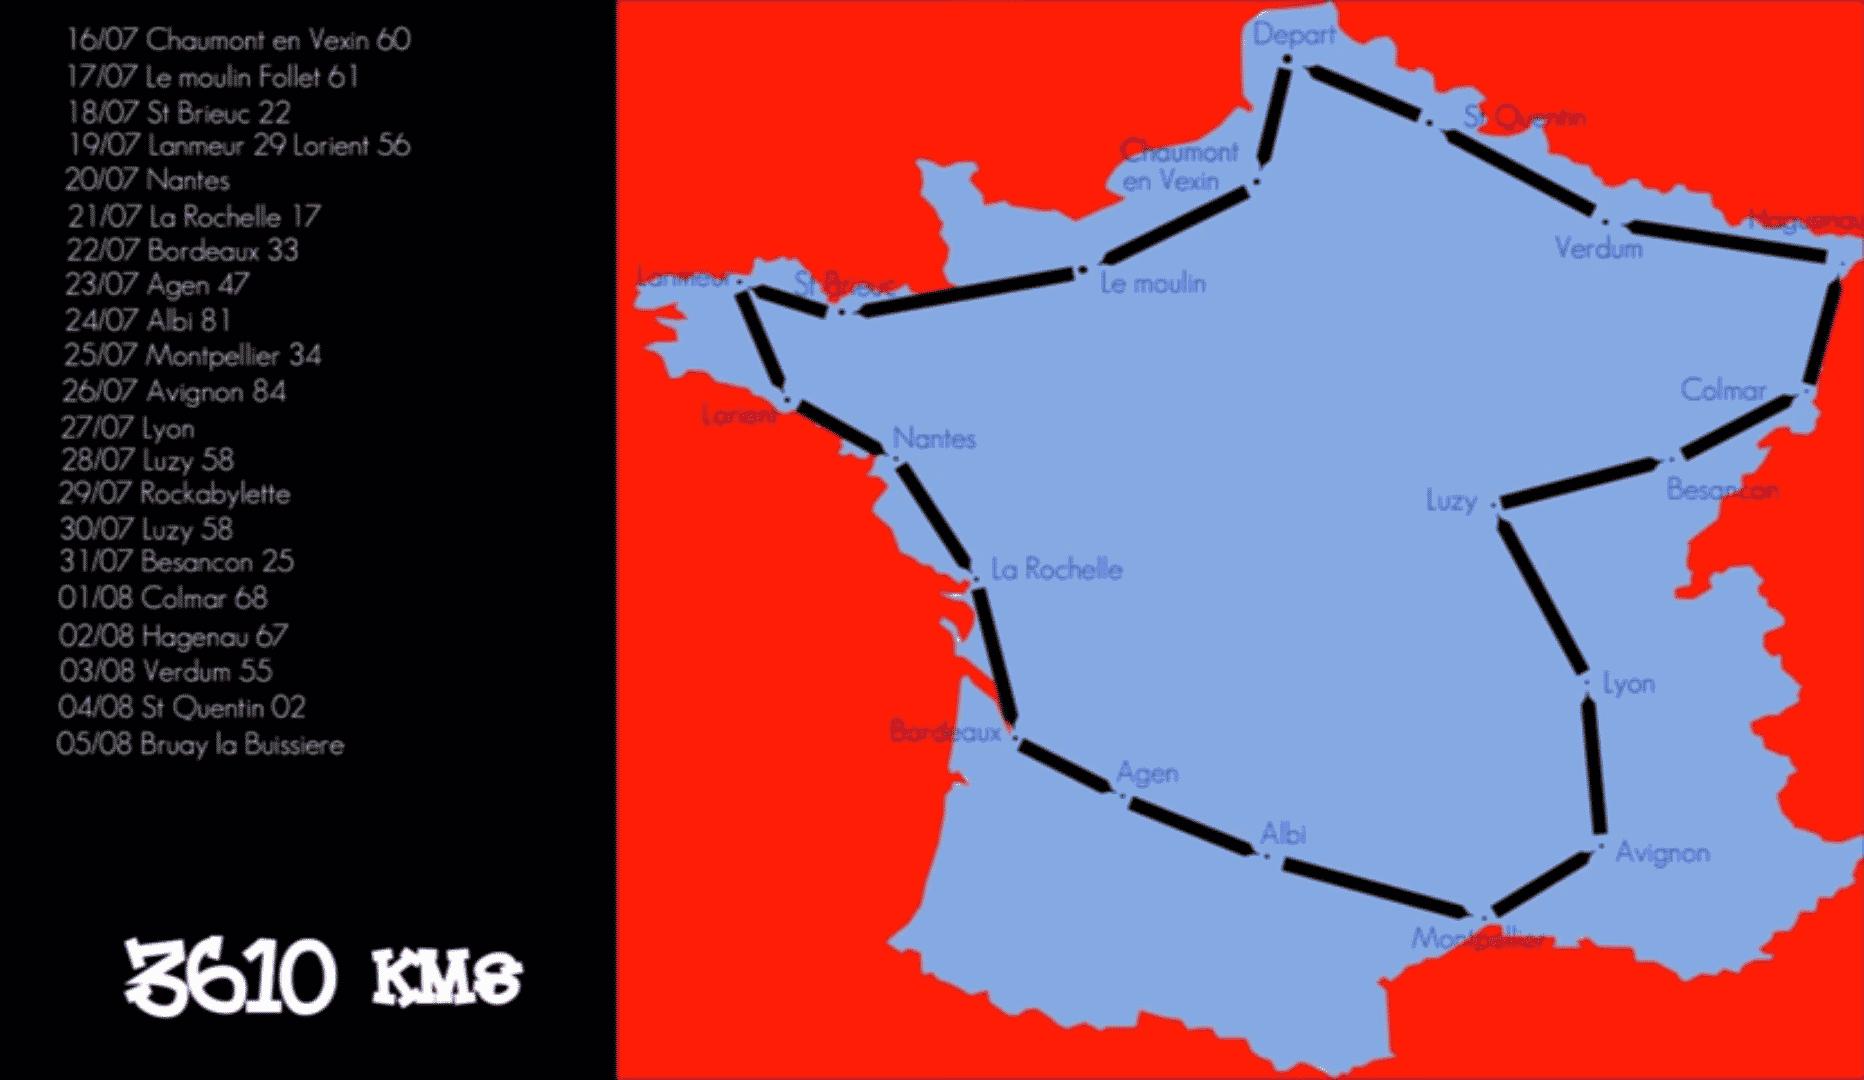 Le Mobeur, tour de France en mobylette